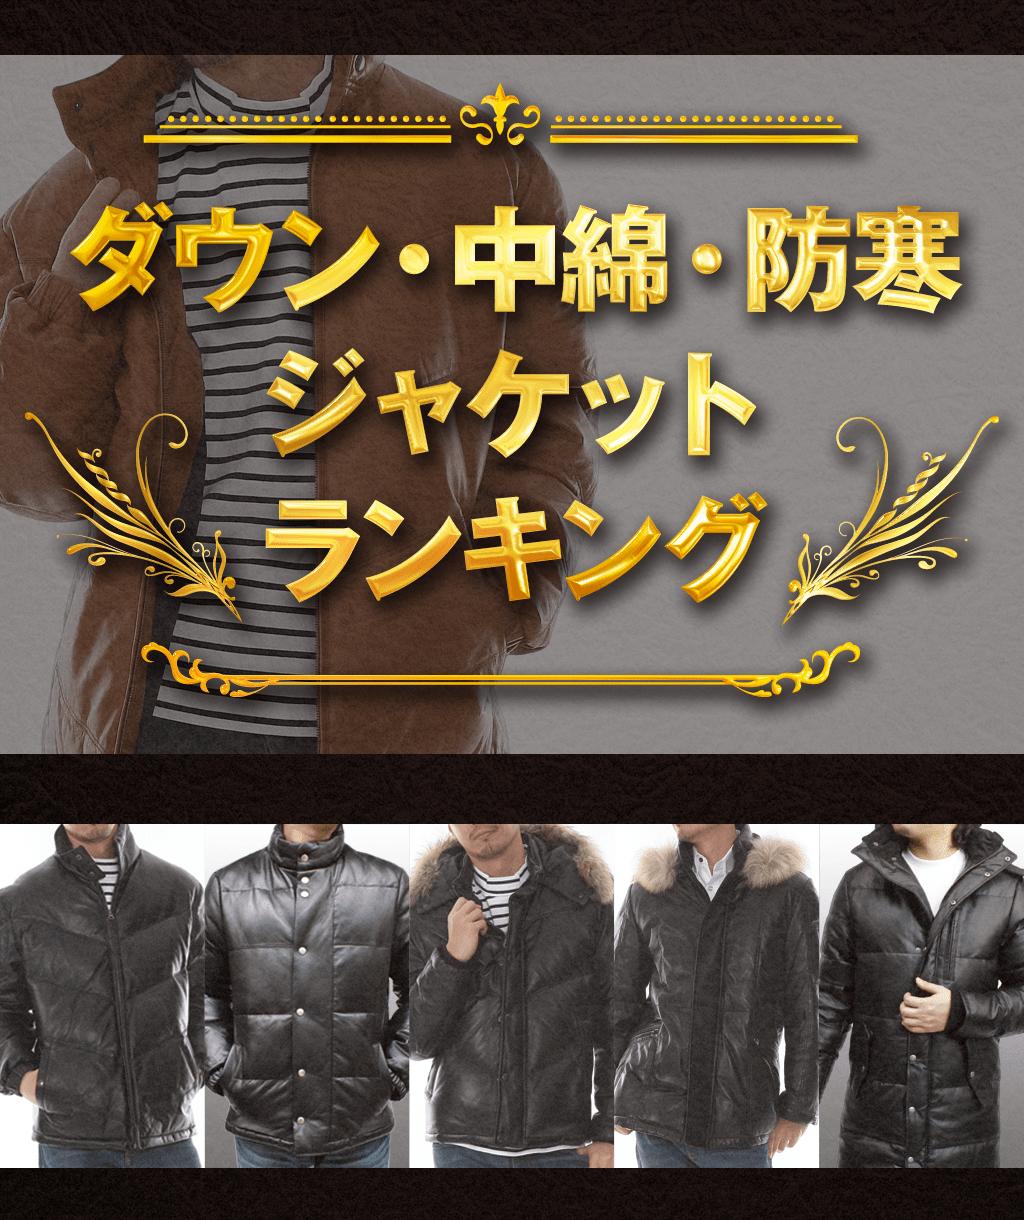 レザーダウンジャケット・中綿ジャケット・防寒ジャケットランキング